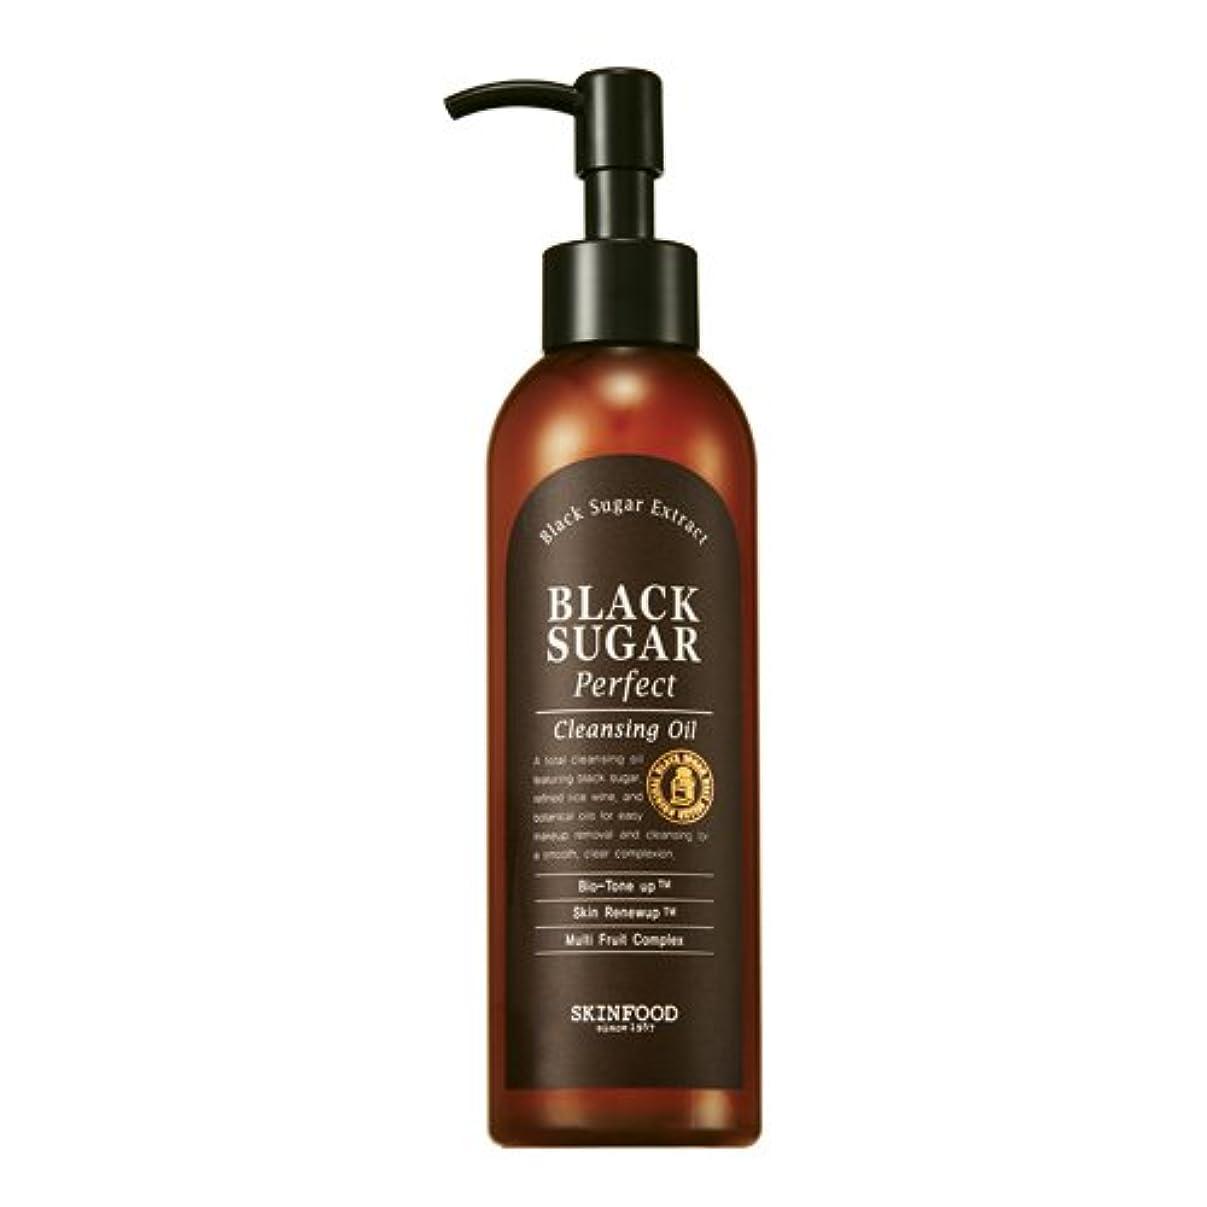 勝者家具写真を撮るSkinfood/Black Sugar Perfect Cleansing Oil/ブラックシュガーパーフェクトクレンジングオイル/200ml [並行輸入品]